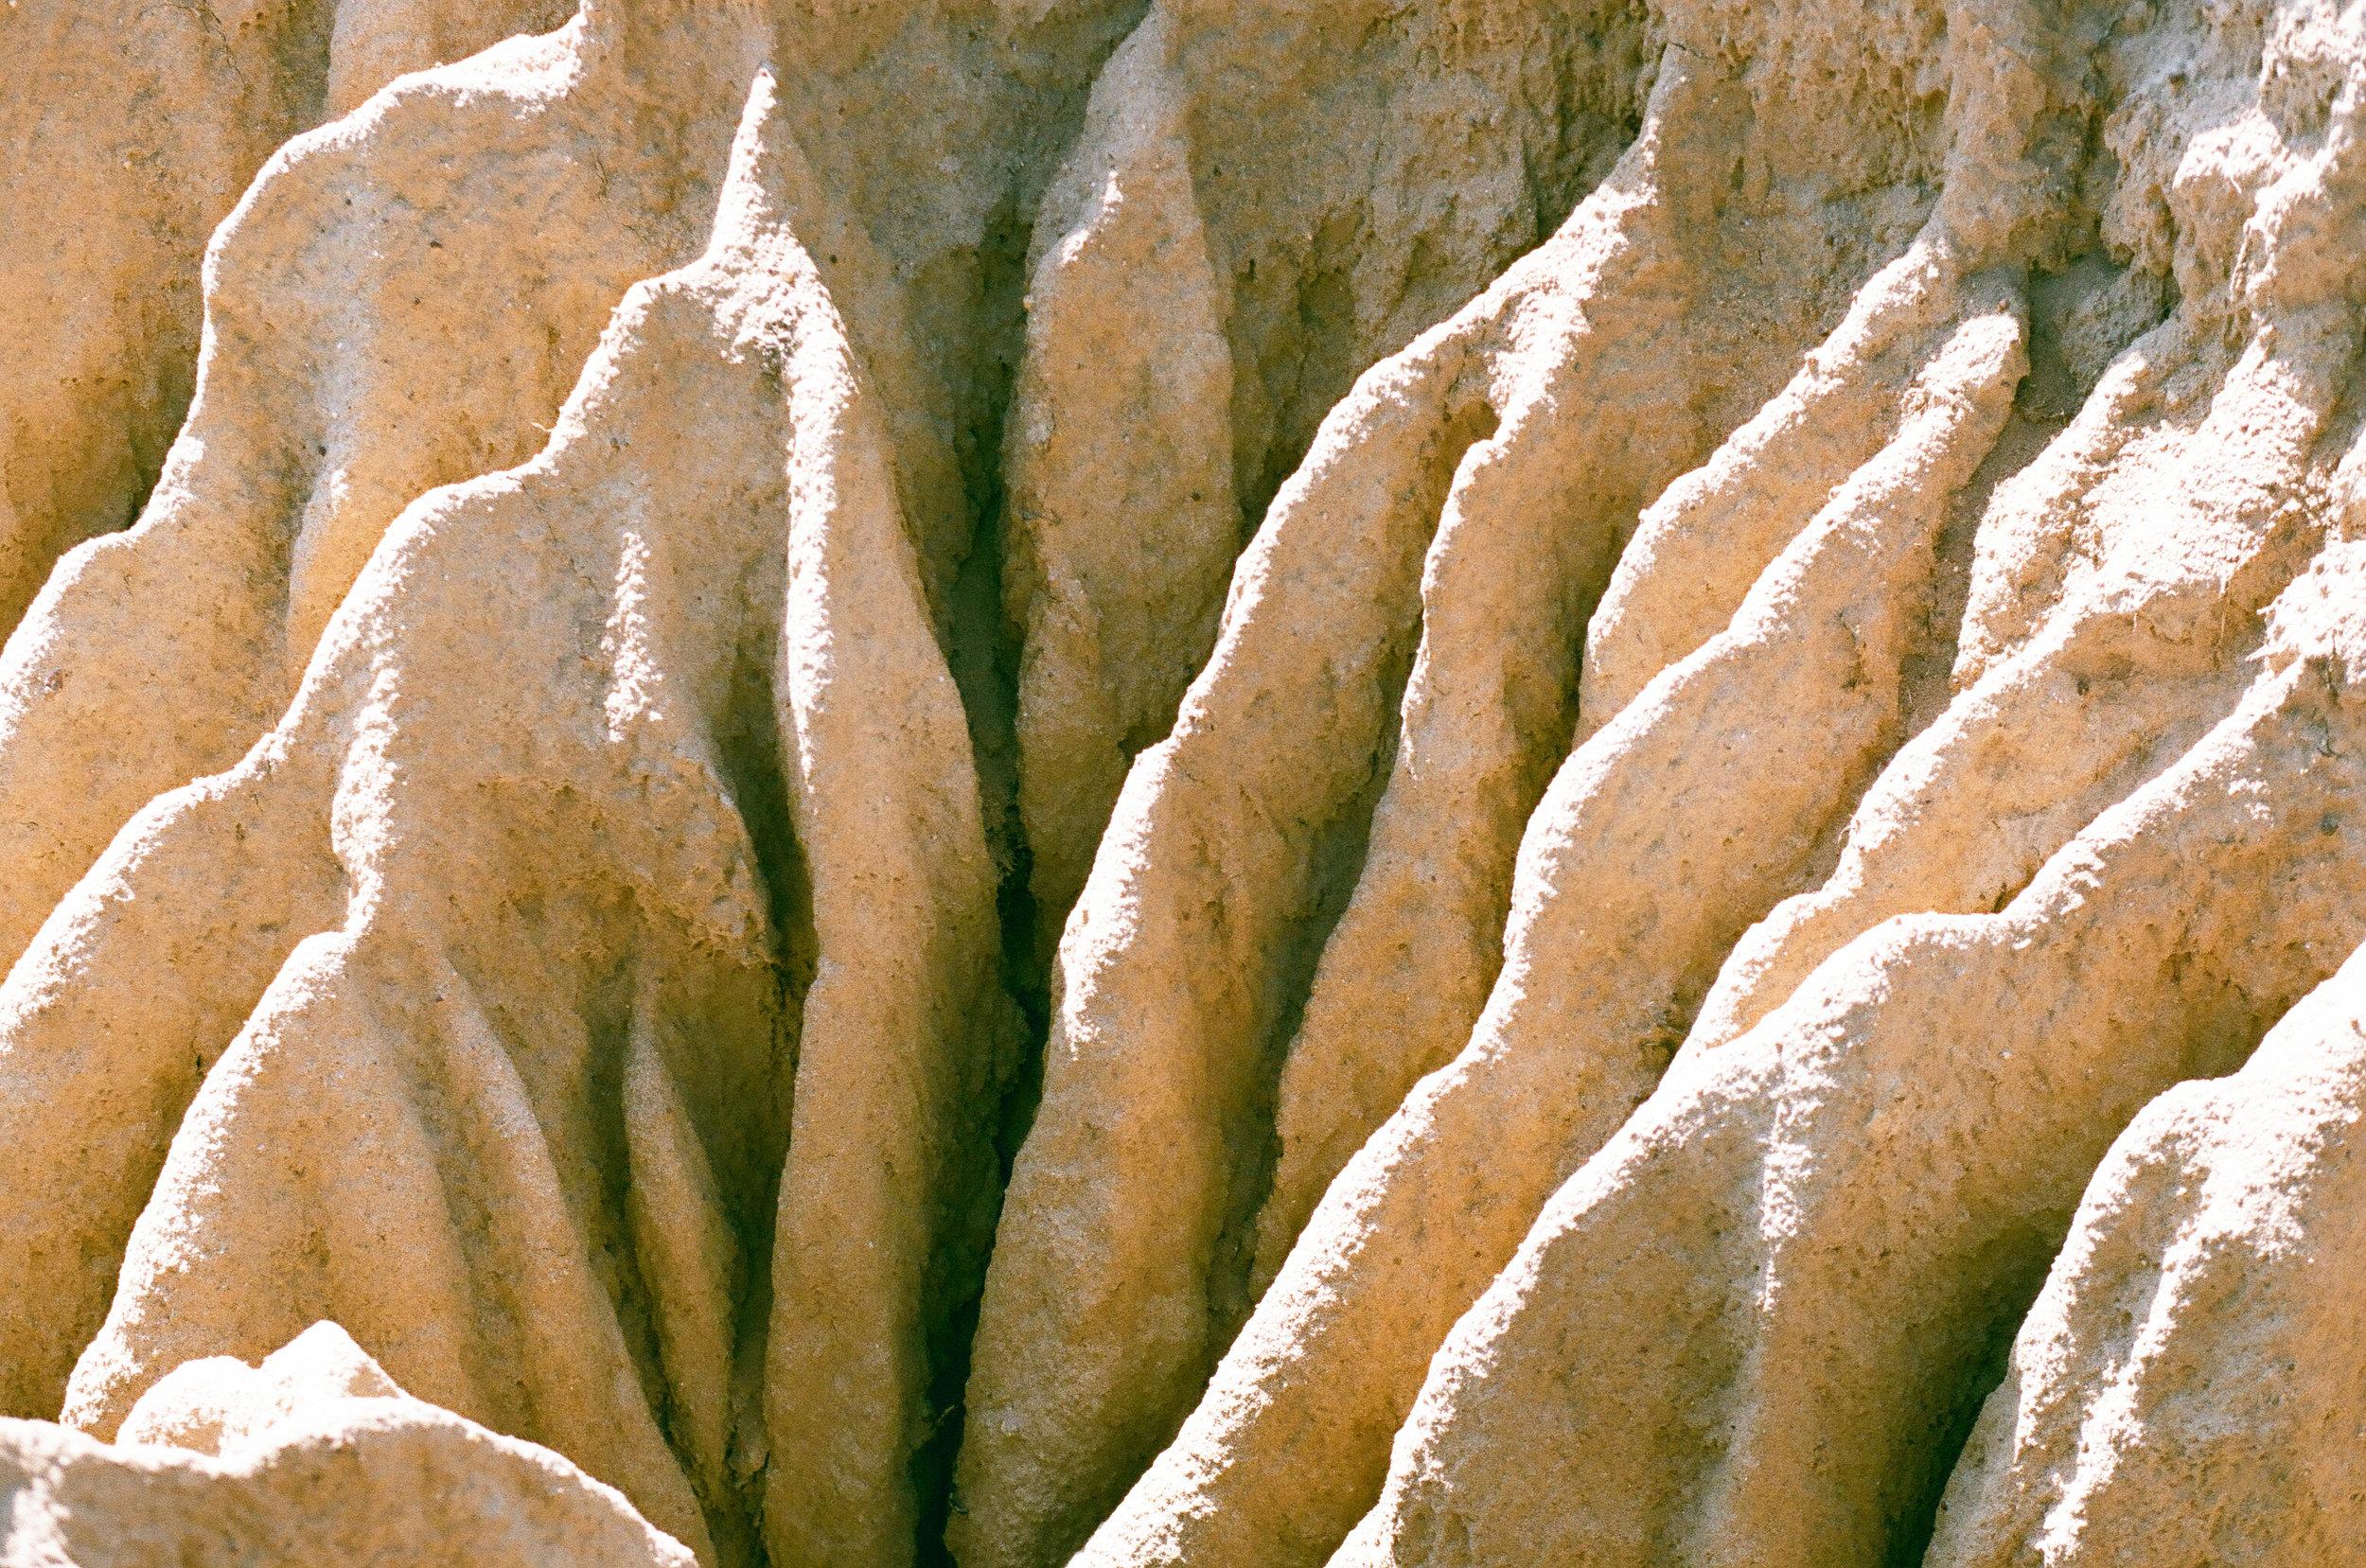 SD-rocks-2-cameliamanea.jpg